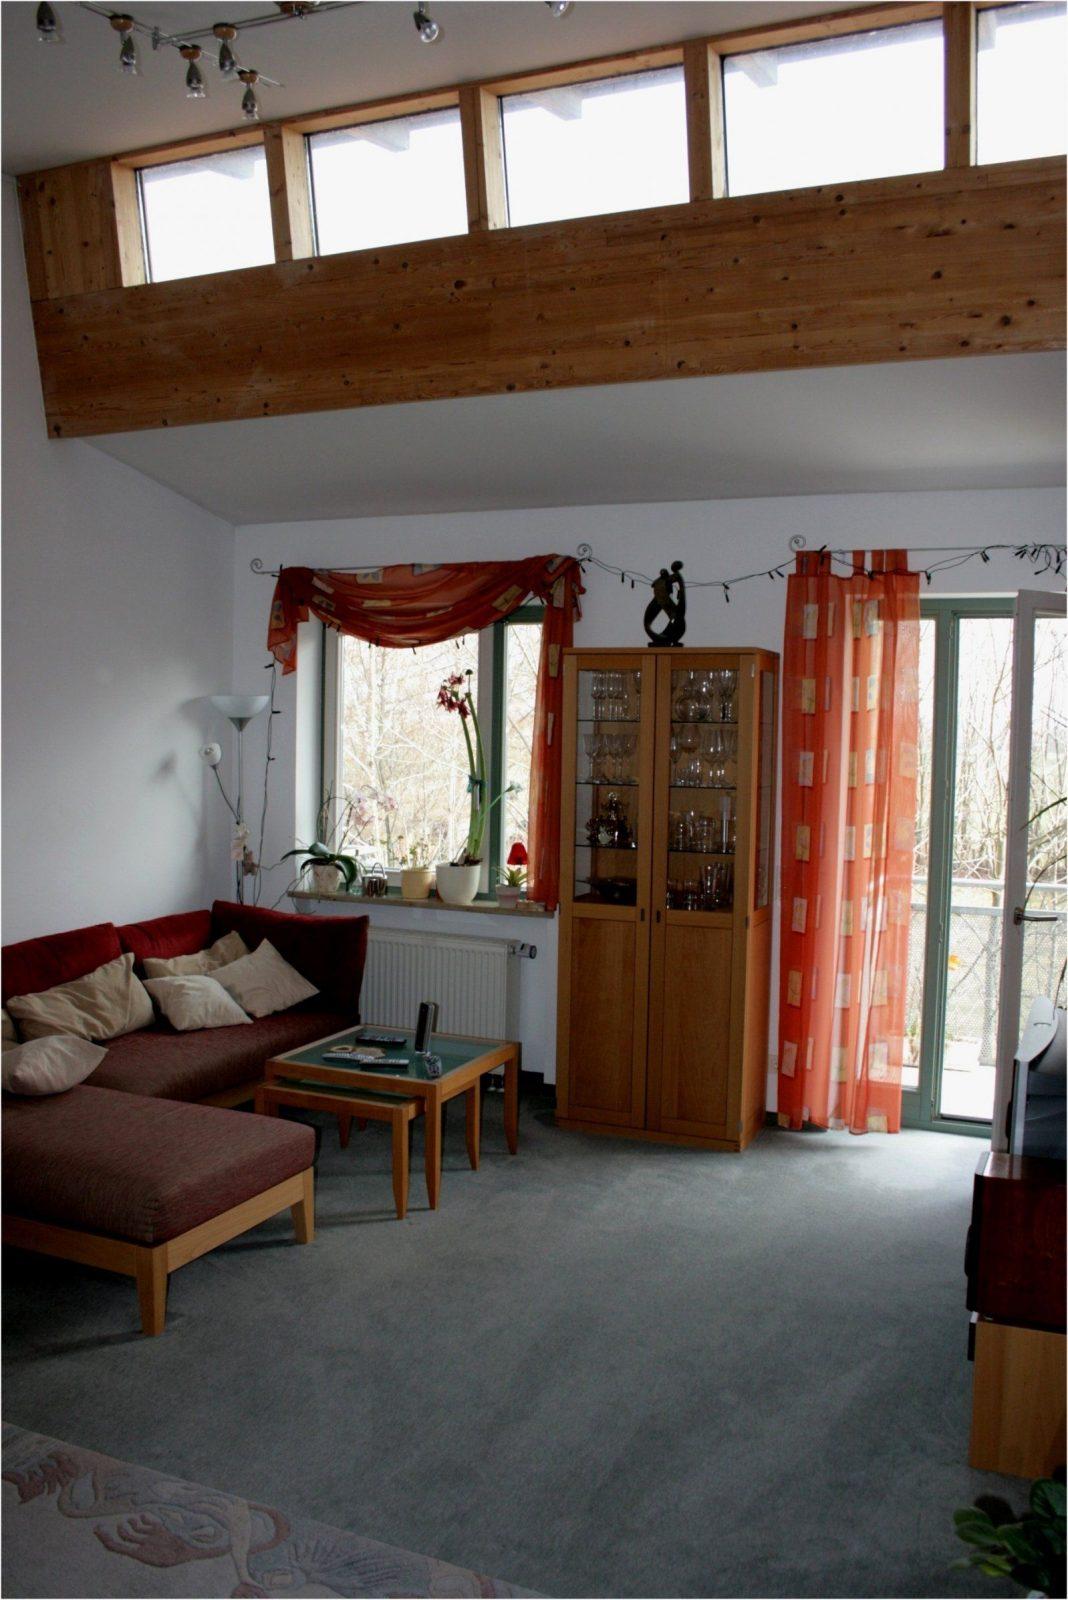 Wohnungen München Mieten Ohne Provision  Beste Sammlung Von Möbel von Wohnung Mieten Nürnberg Ohne Provision Bild